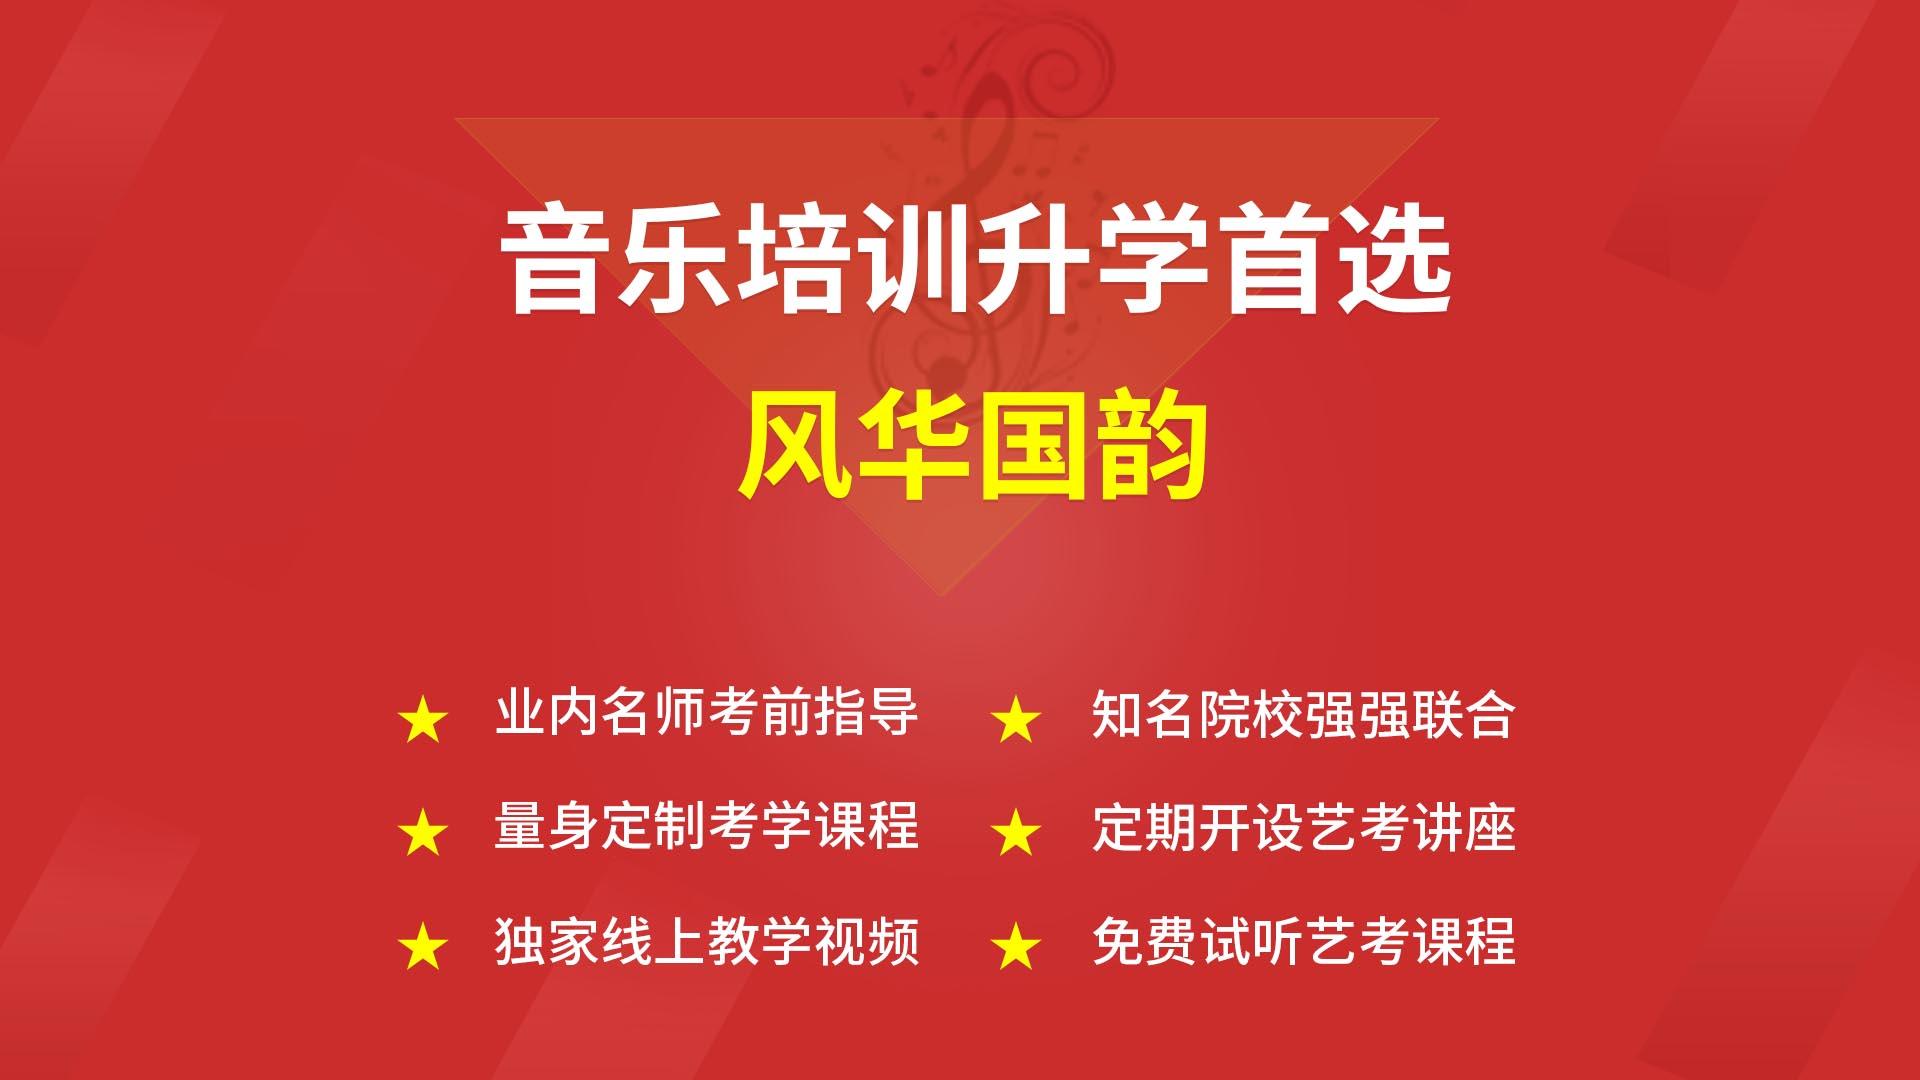 北京藝考培訓學校哪家好呢?